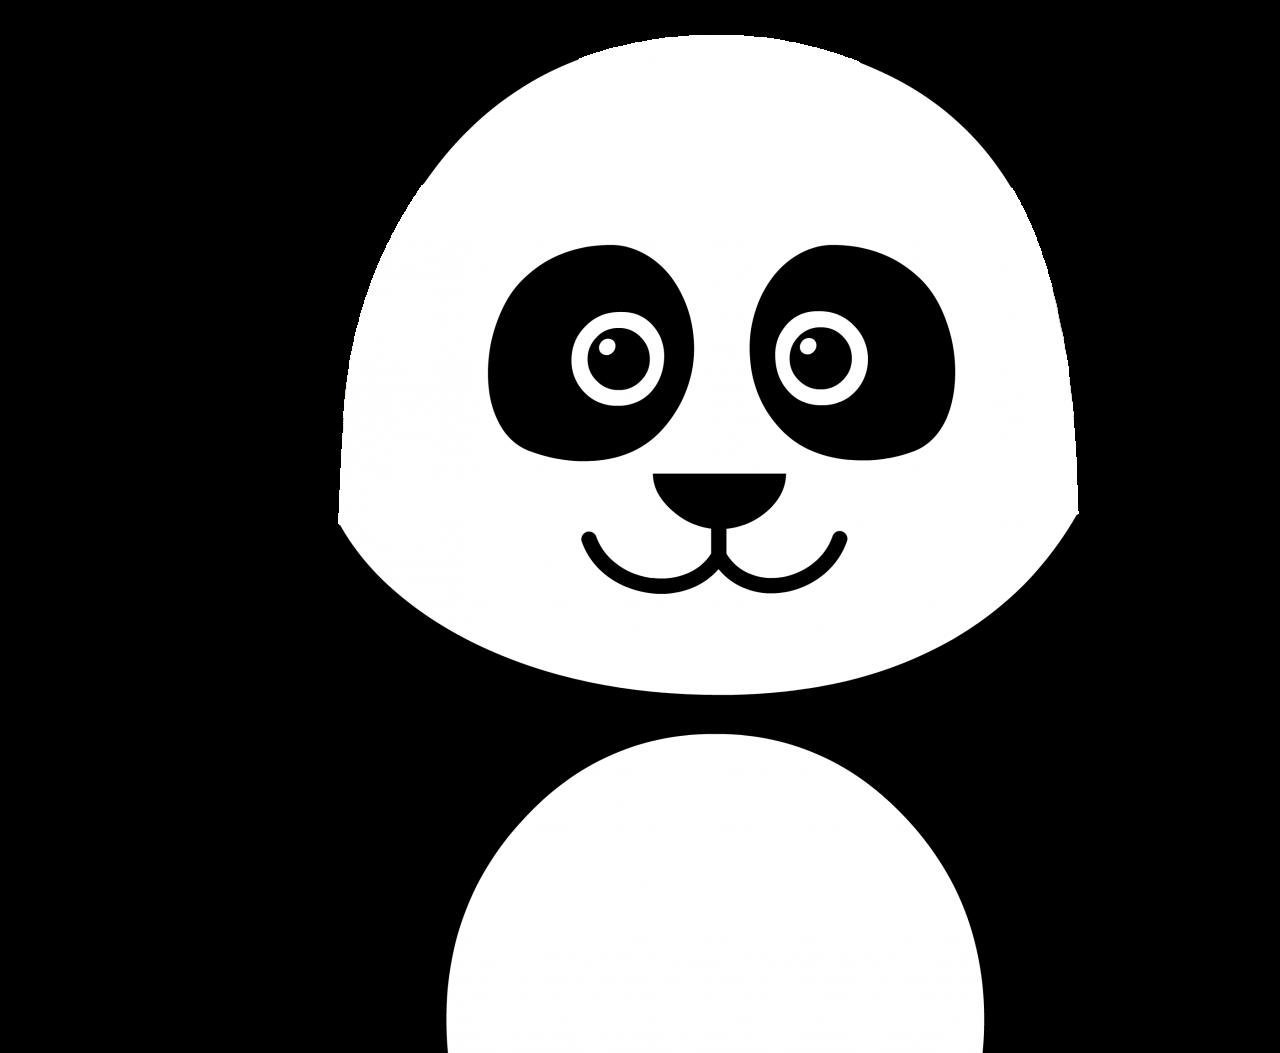 Panda Drawing PNG Image